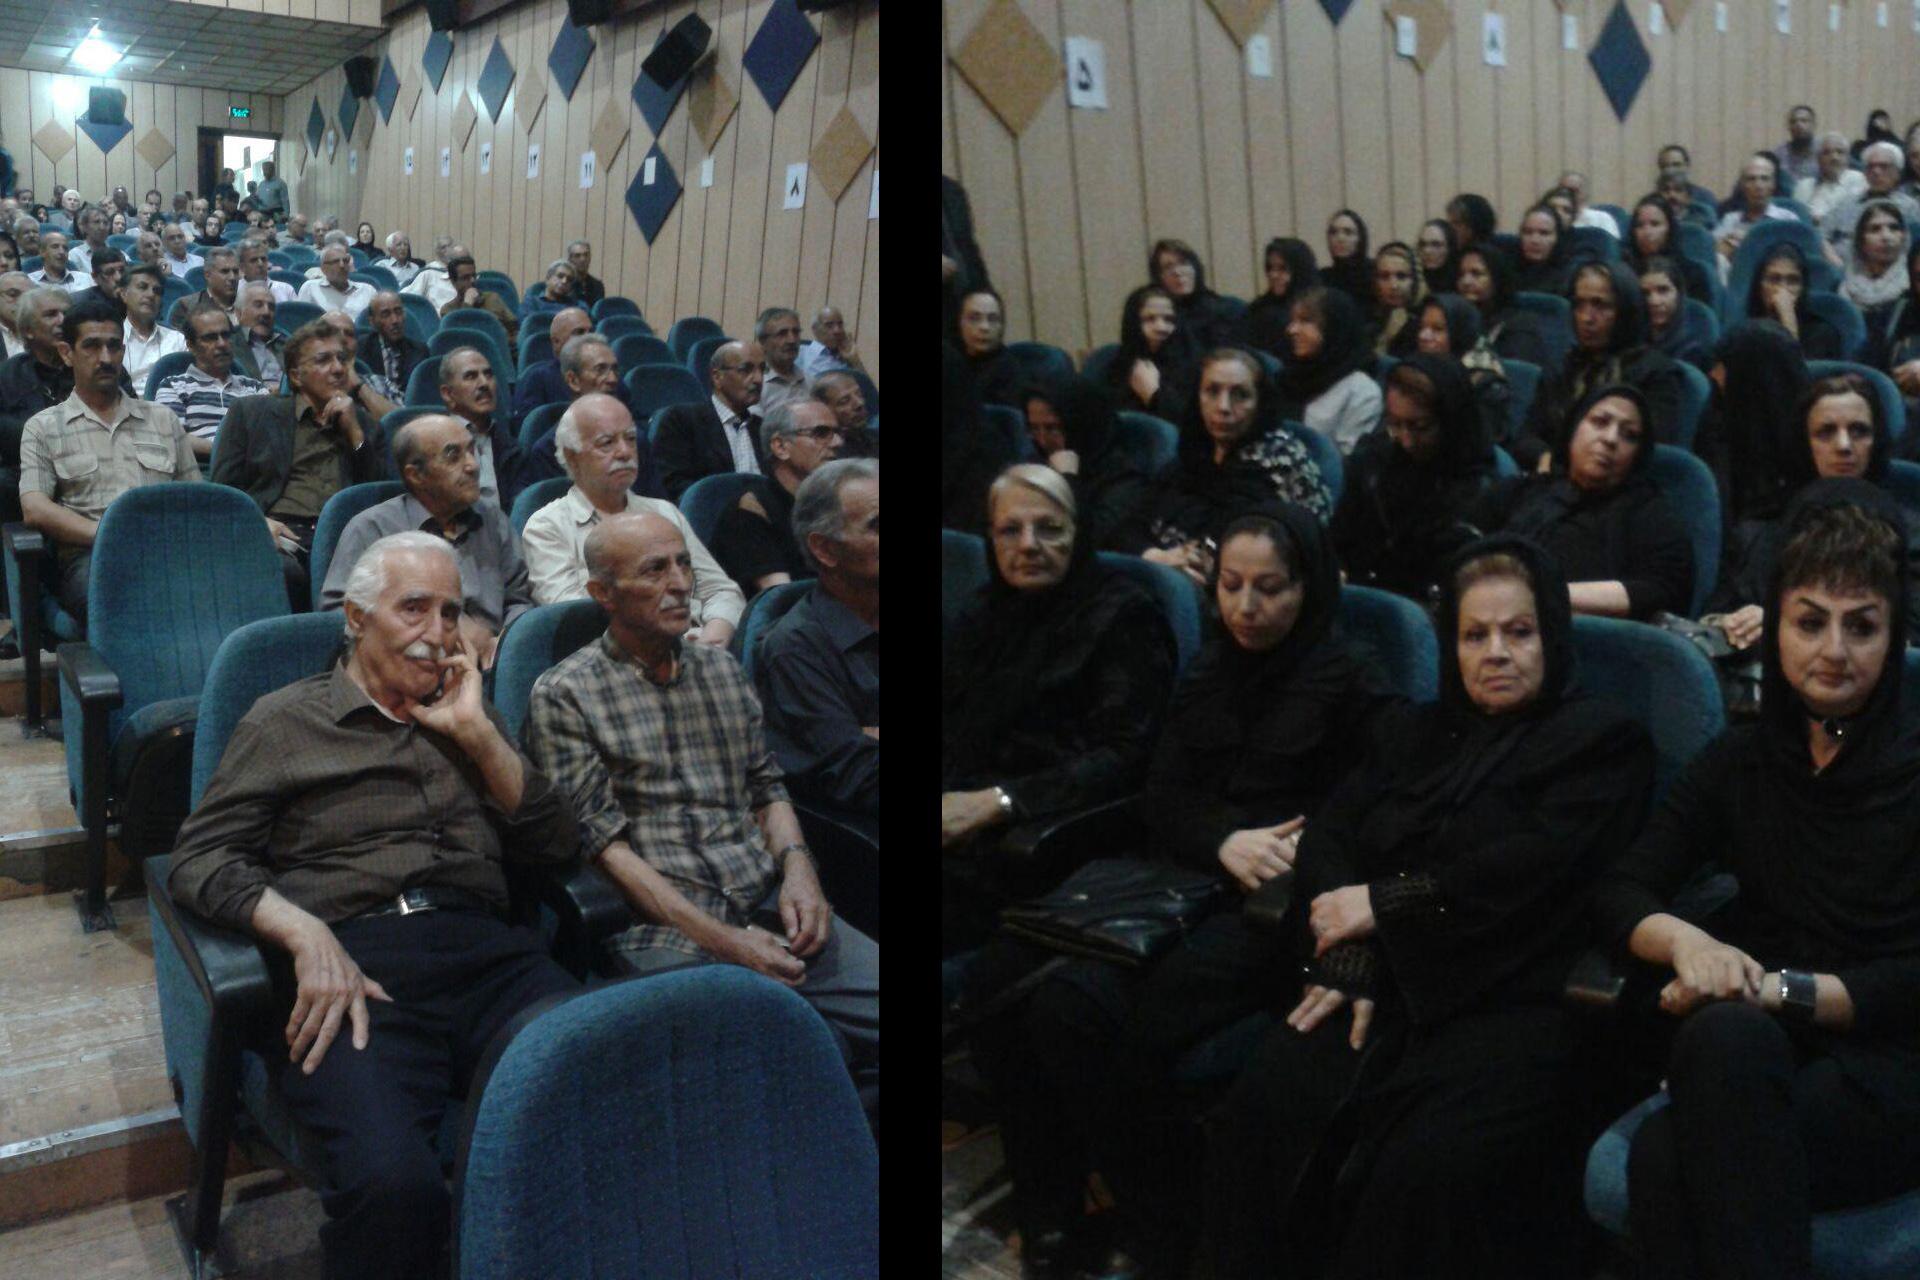 گزارش تصویری «ایشیق» از مراسم یادبود دکتر علیاکبر ترابی در تبریز